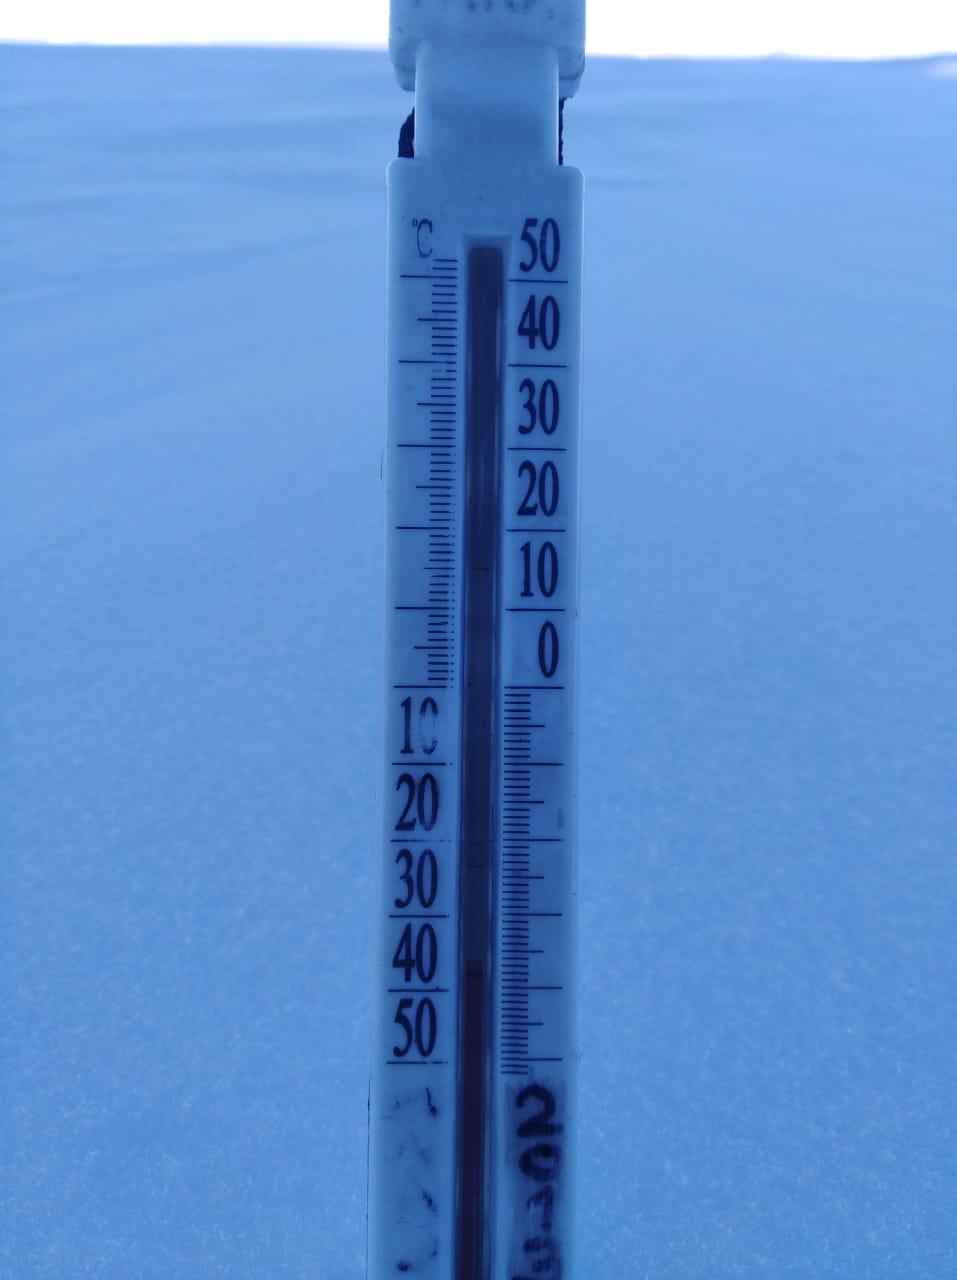 А это температура под куполом. Вся центральная часть Антарктиды находится под ледяным куполом, толщина льда в среднем около 3 км